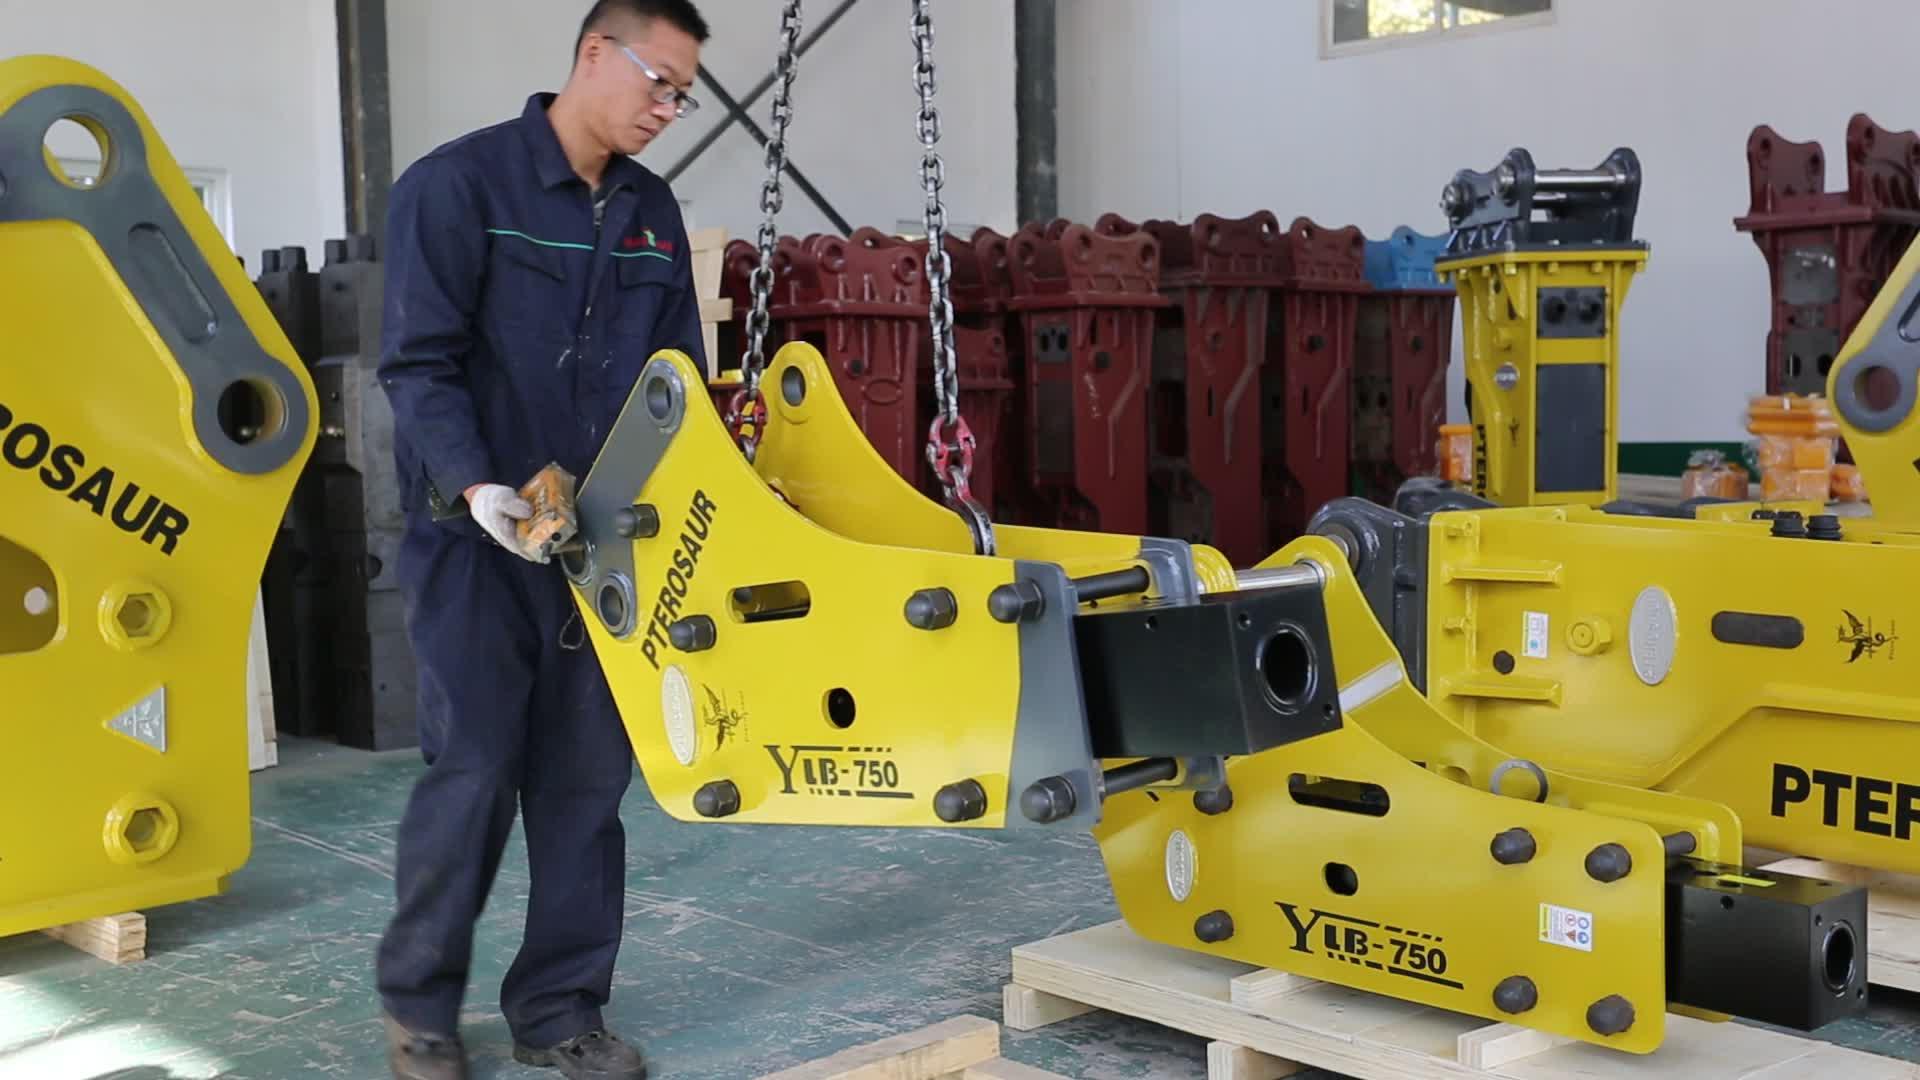 Yantai precio de fábrica coreano Soosan interruptor sb50 100mm cincel espaà a hidráulico para pc120 excavadora